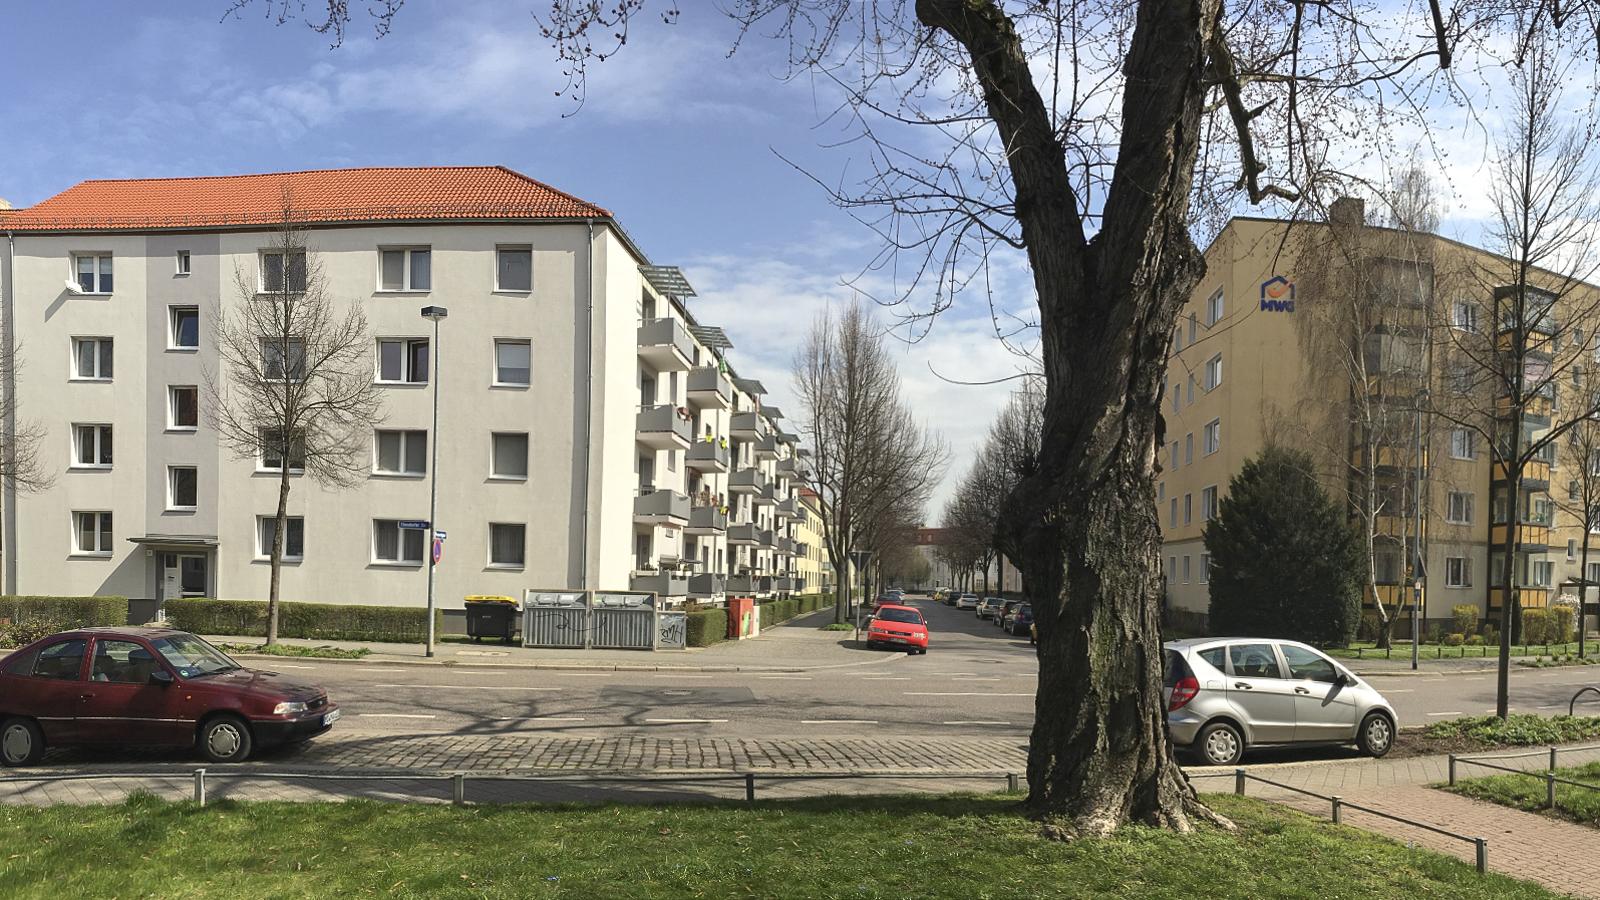 klopstockstraße_Zeitreisen_Magdeburg_Neu-2